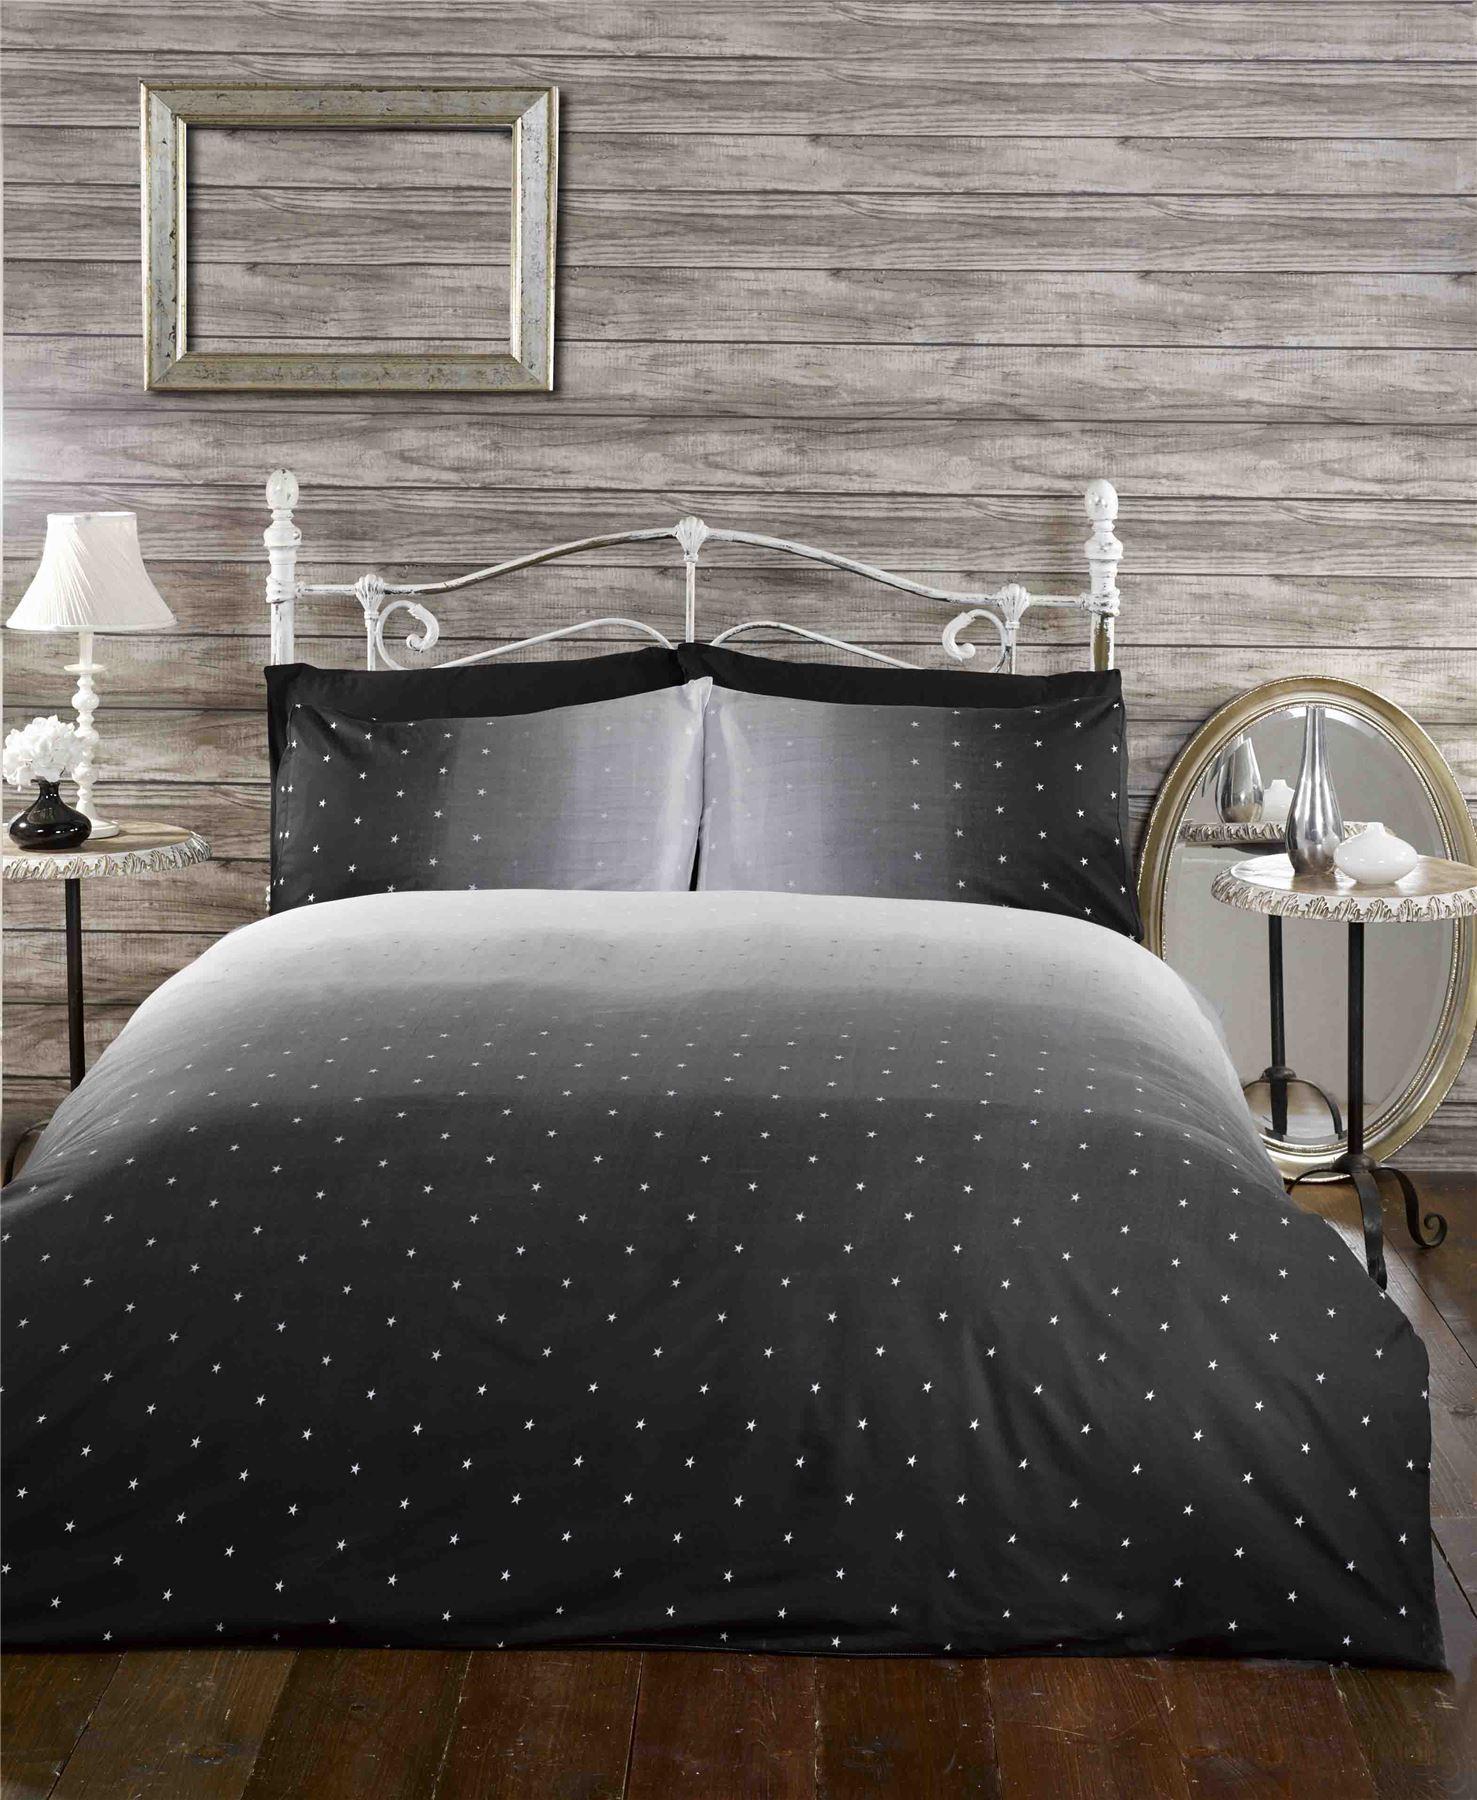 rapport essence nacht himmel farbverlauf galaxy stern bettbezug bettw sche ebay. Black Bedroom Furniture Sets. Home Design Ideas